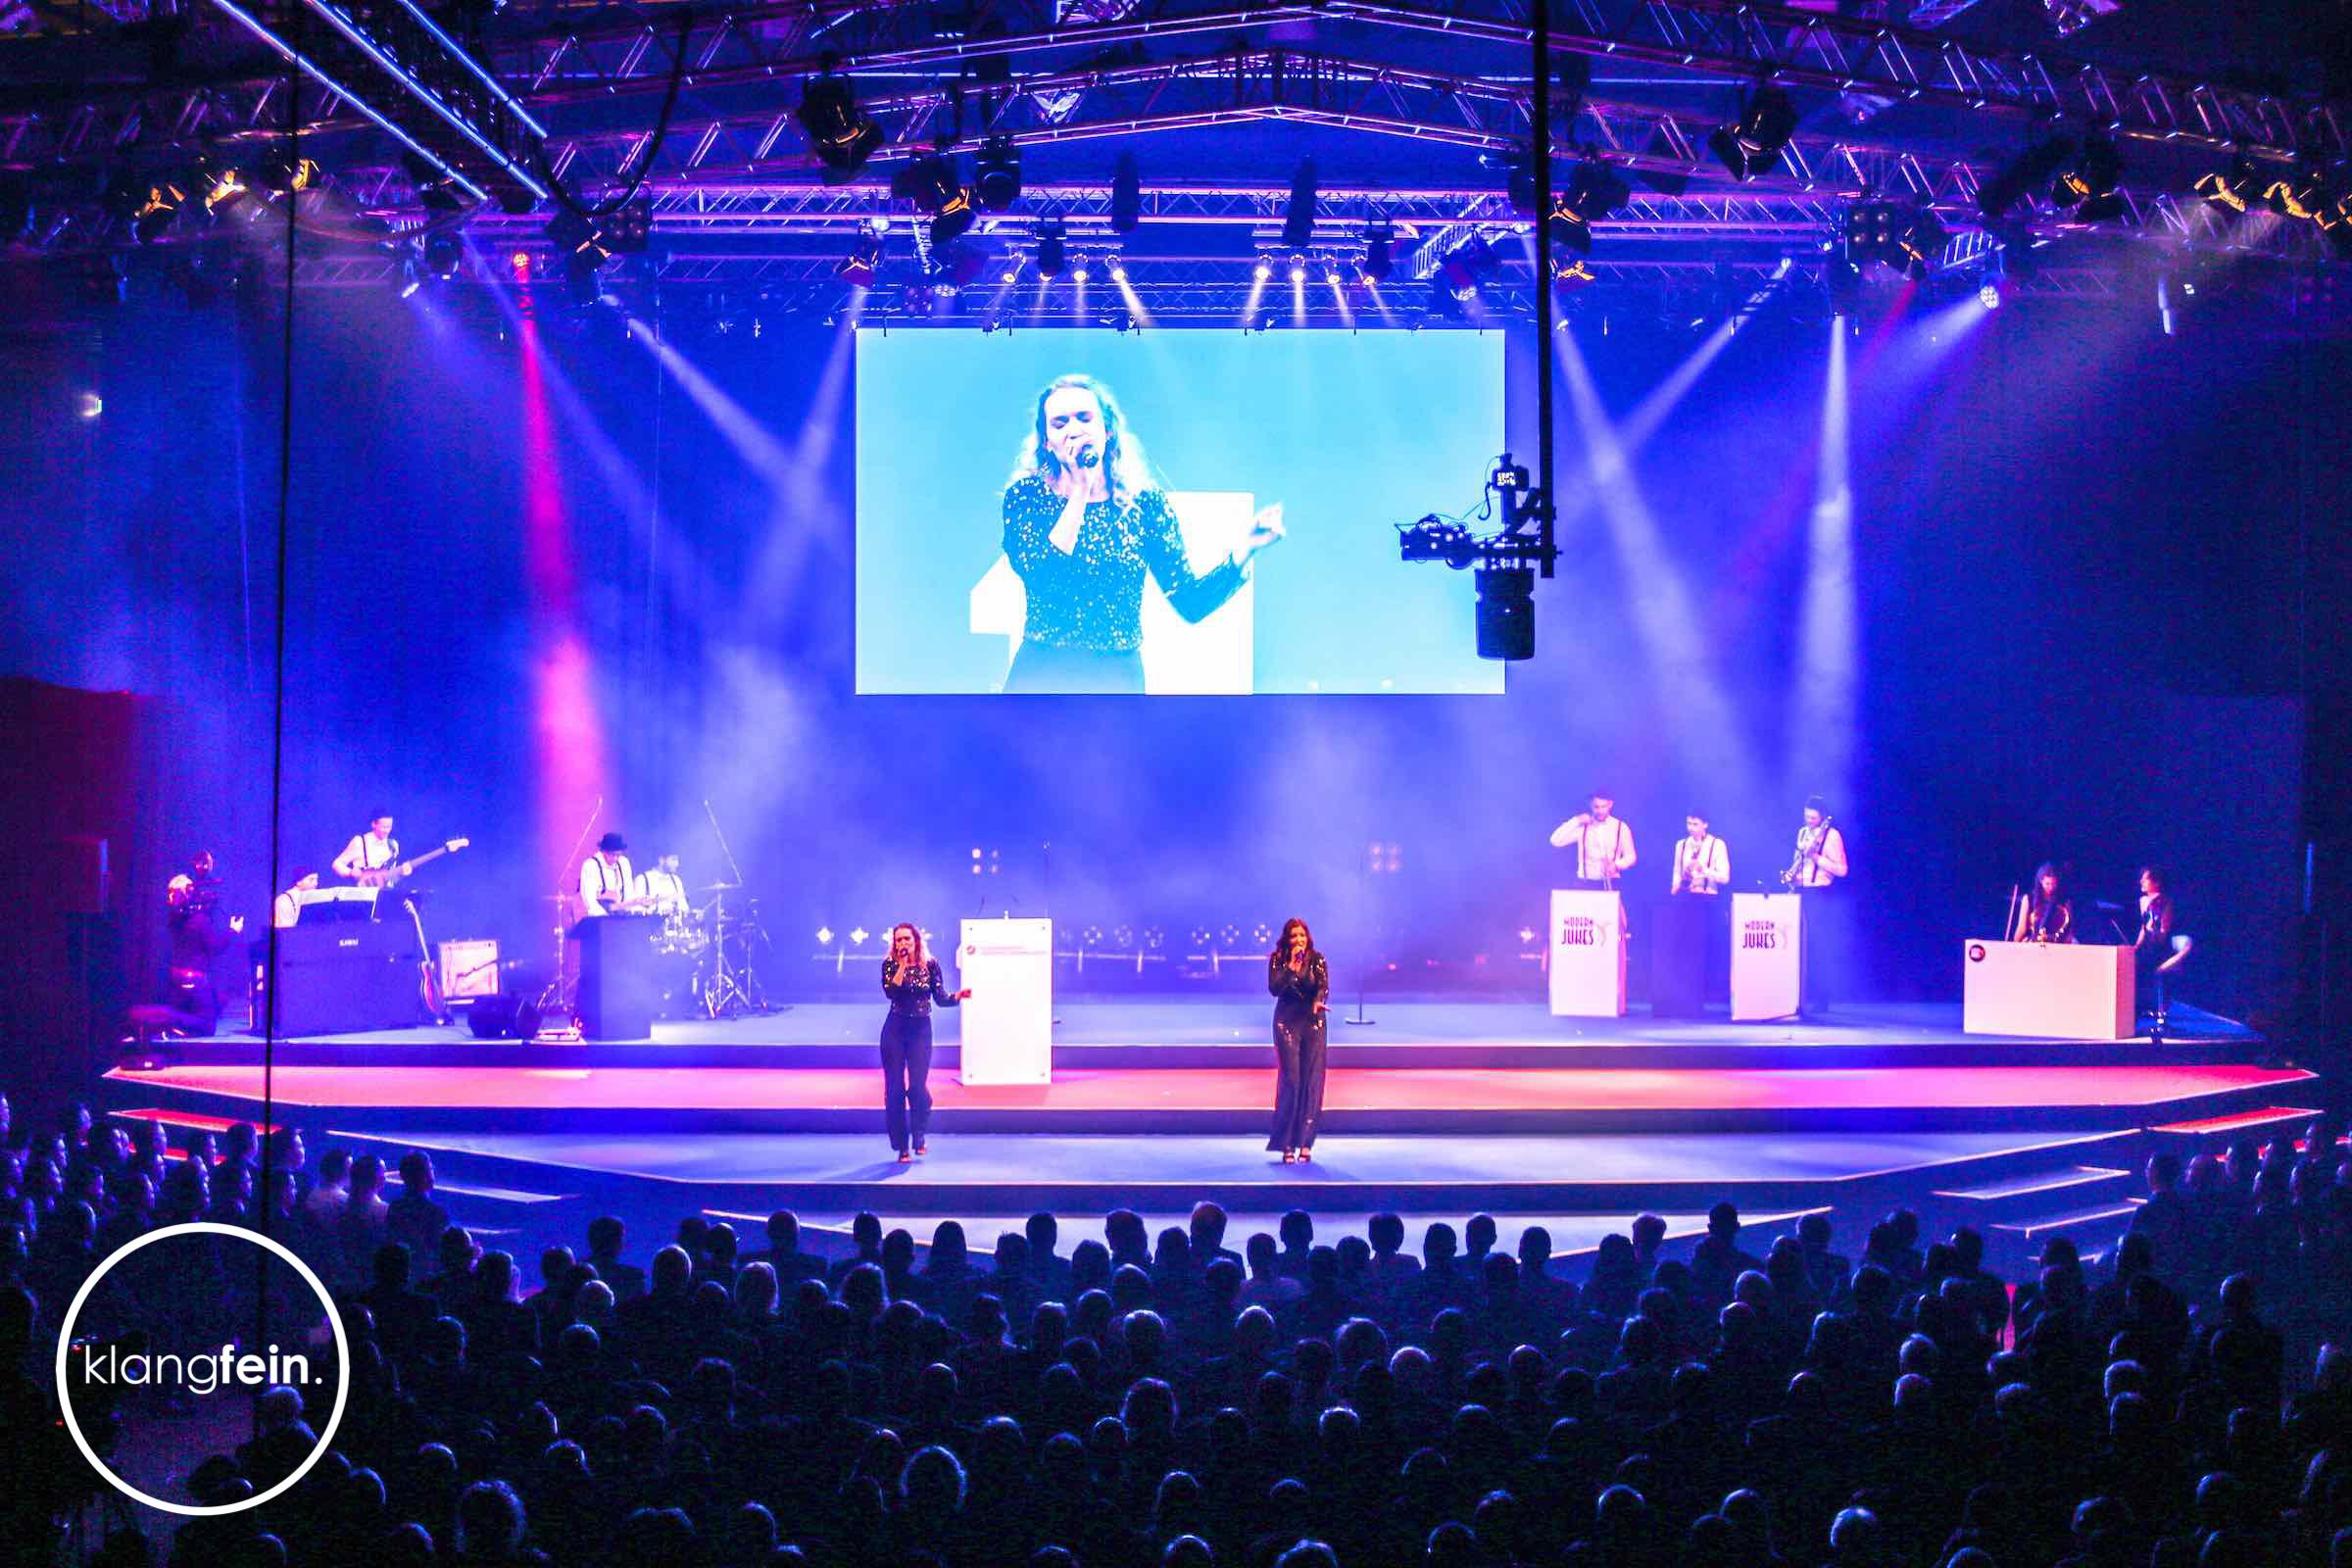 Klangfein - Bühnentechnik | Outdoorbühnen | Trailerbühne | Indoorbühne | Bühnenbild | Bühne | Leihen | Mieten | Anfragen | Hannover